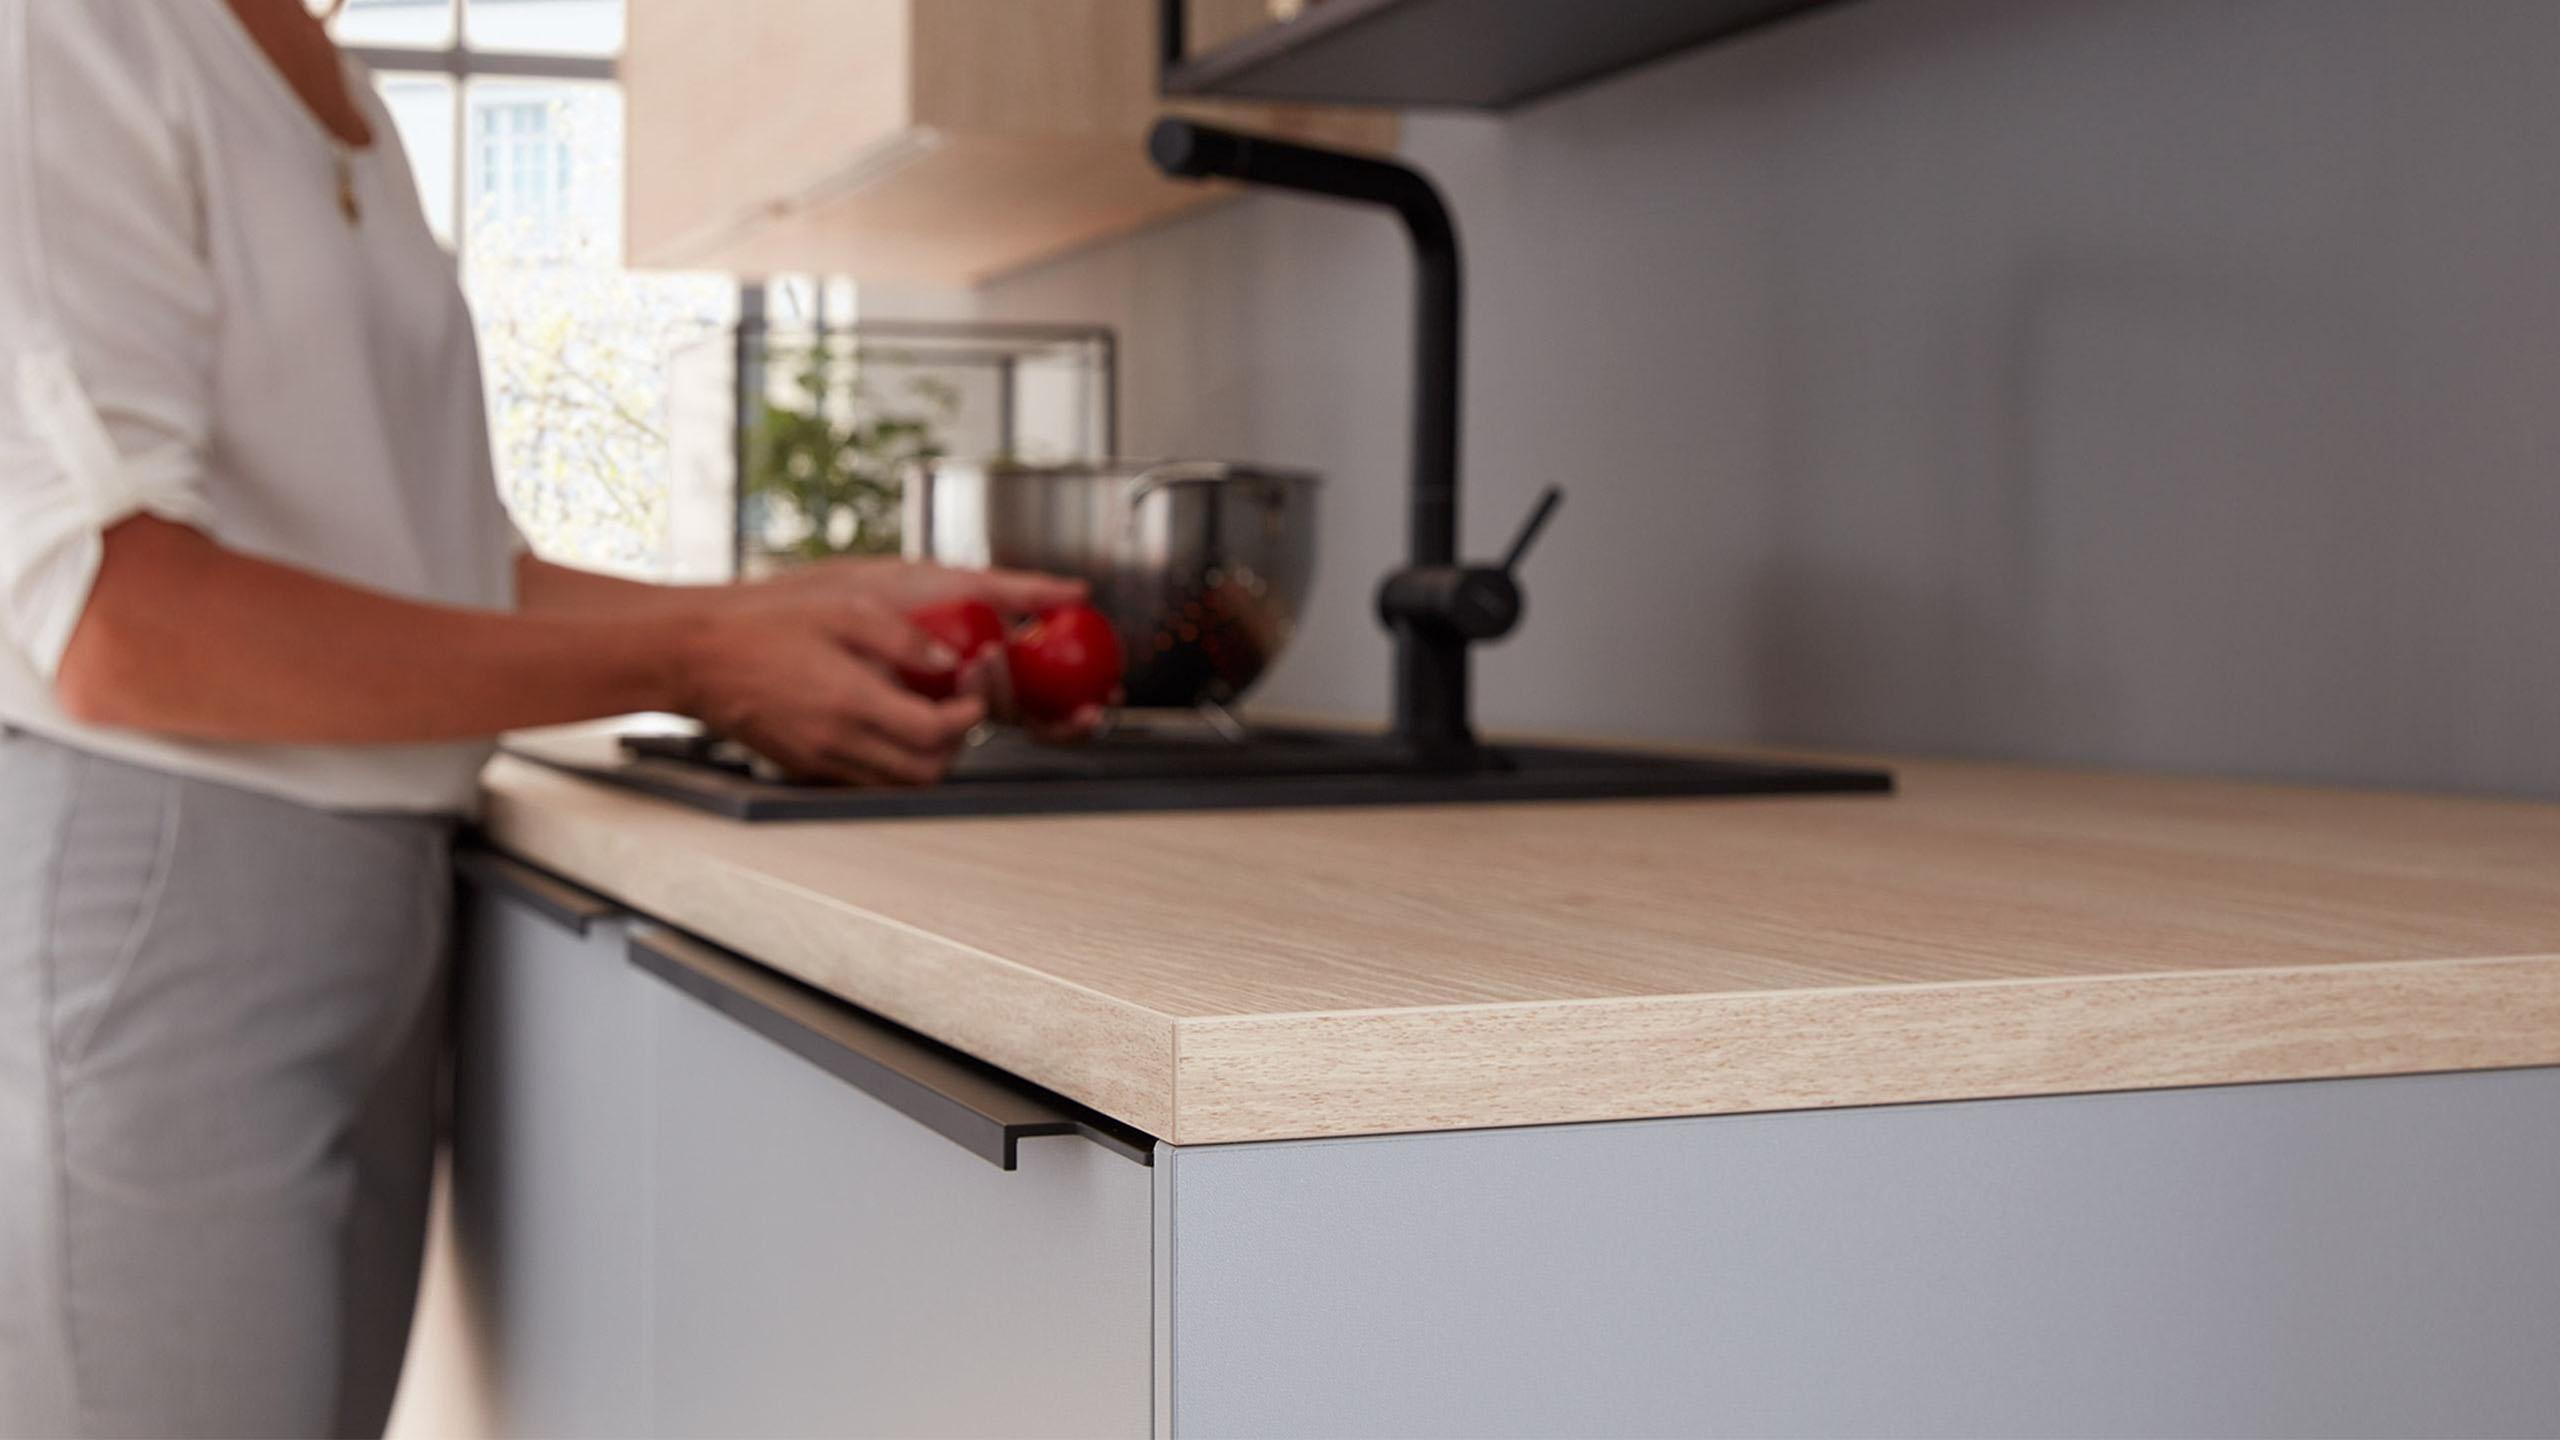 Küchentipps: So reinigen Sie die Arbeitsplatte richtig